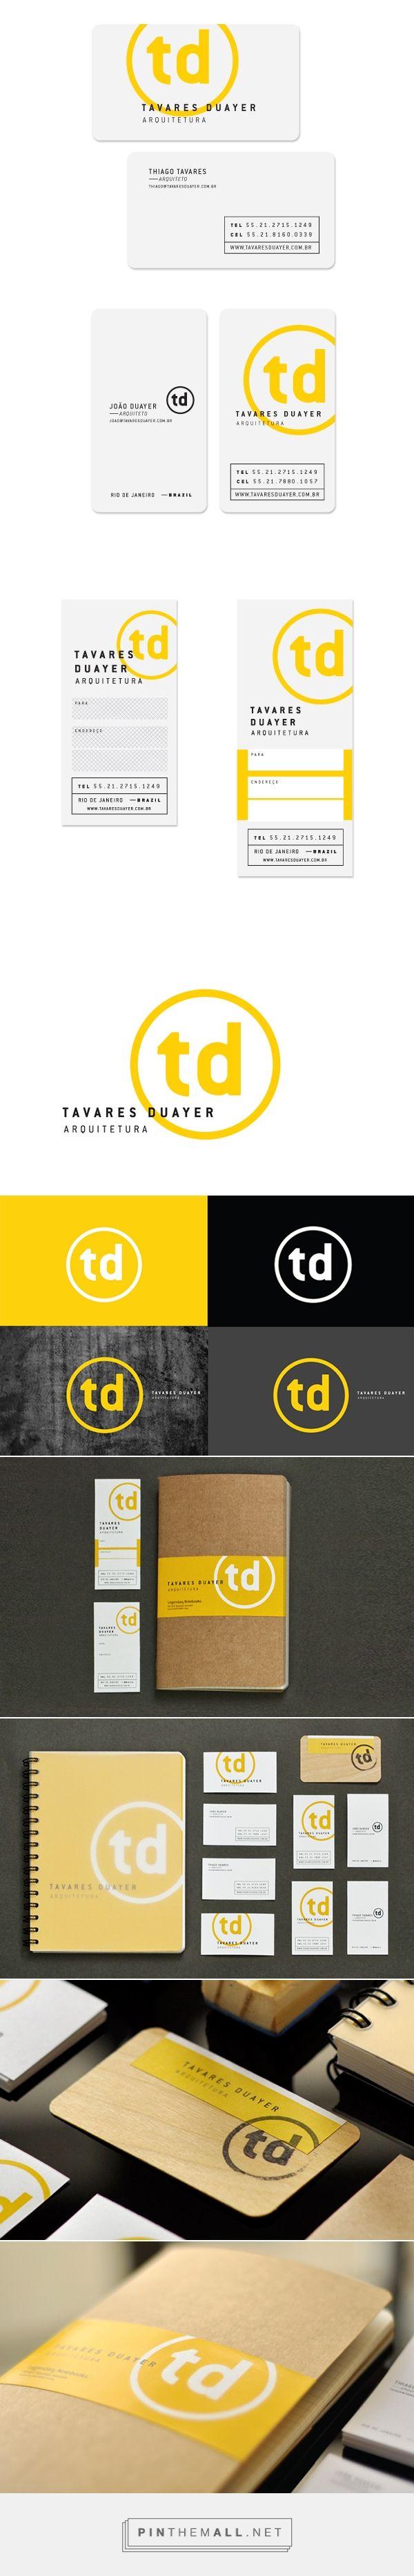 Tavares Duayer Arquitetura on Behance | Fivestar Branding – Design and Branding Agency & Inspiration Gallery